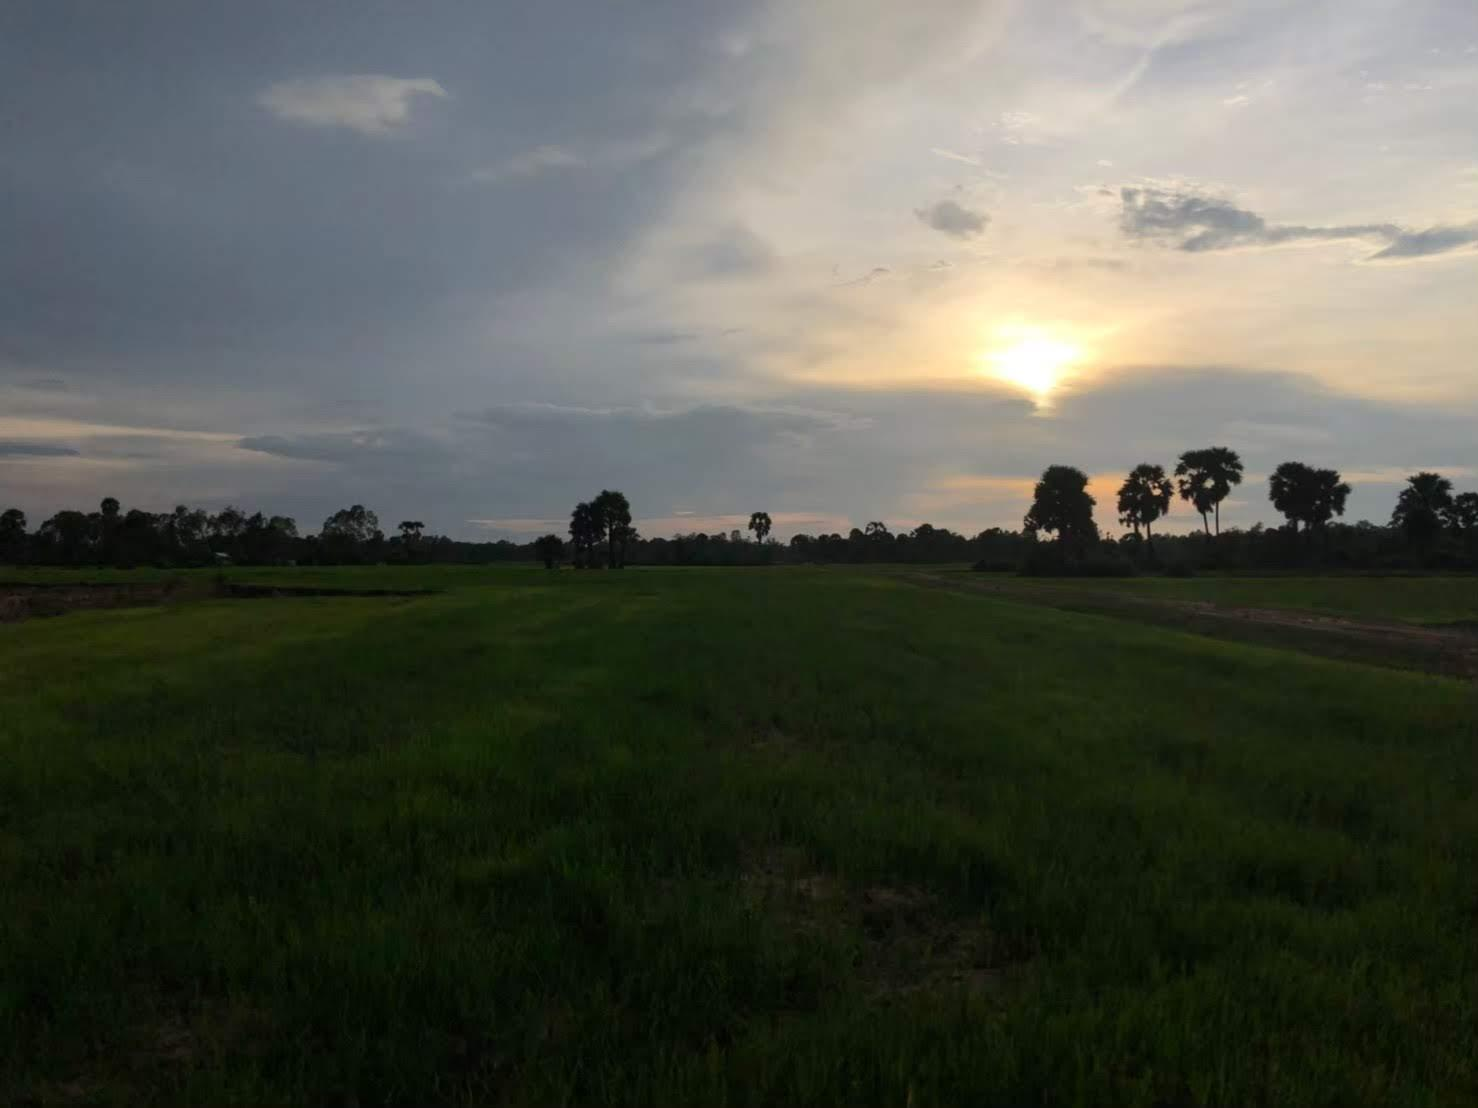 草の上に雲のある空  自動的に生成された説明